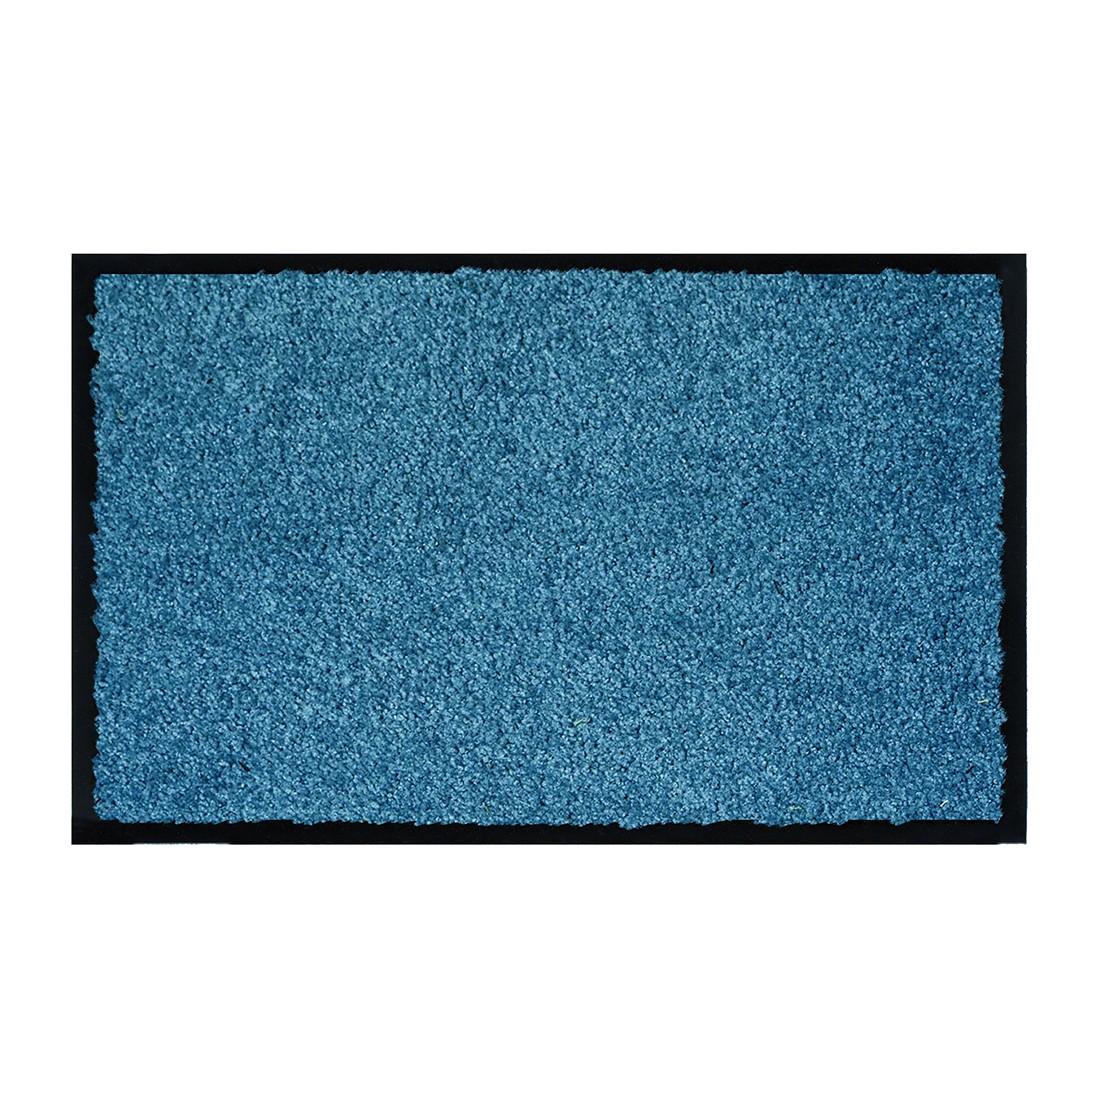 Fußmatte Proper Tex – Blau – 60 x 90 cm, Astra online kaufen